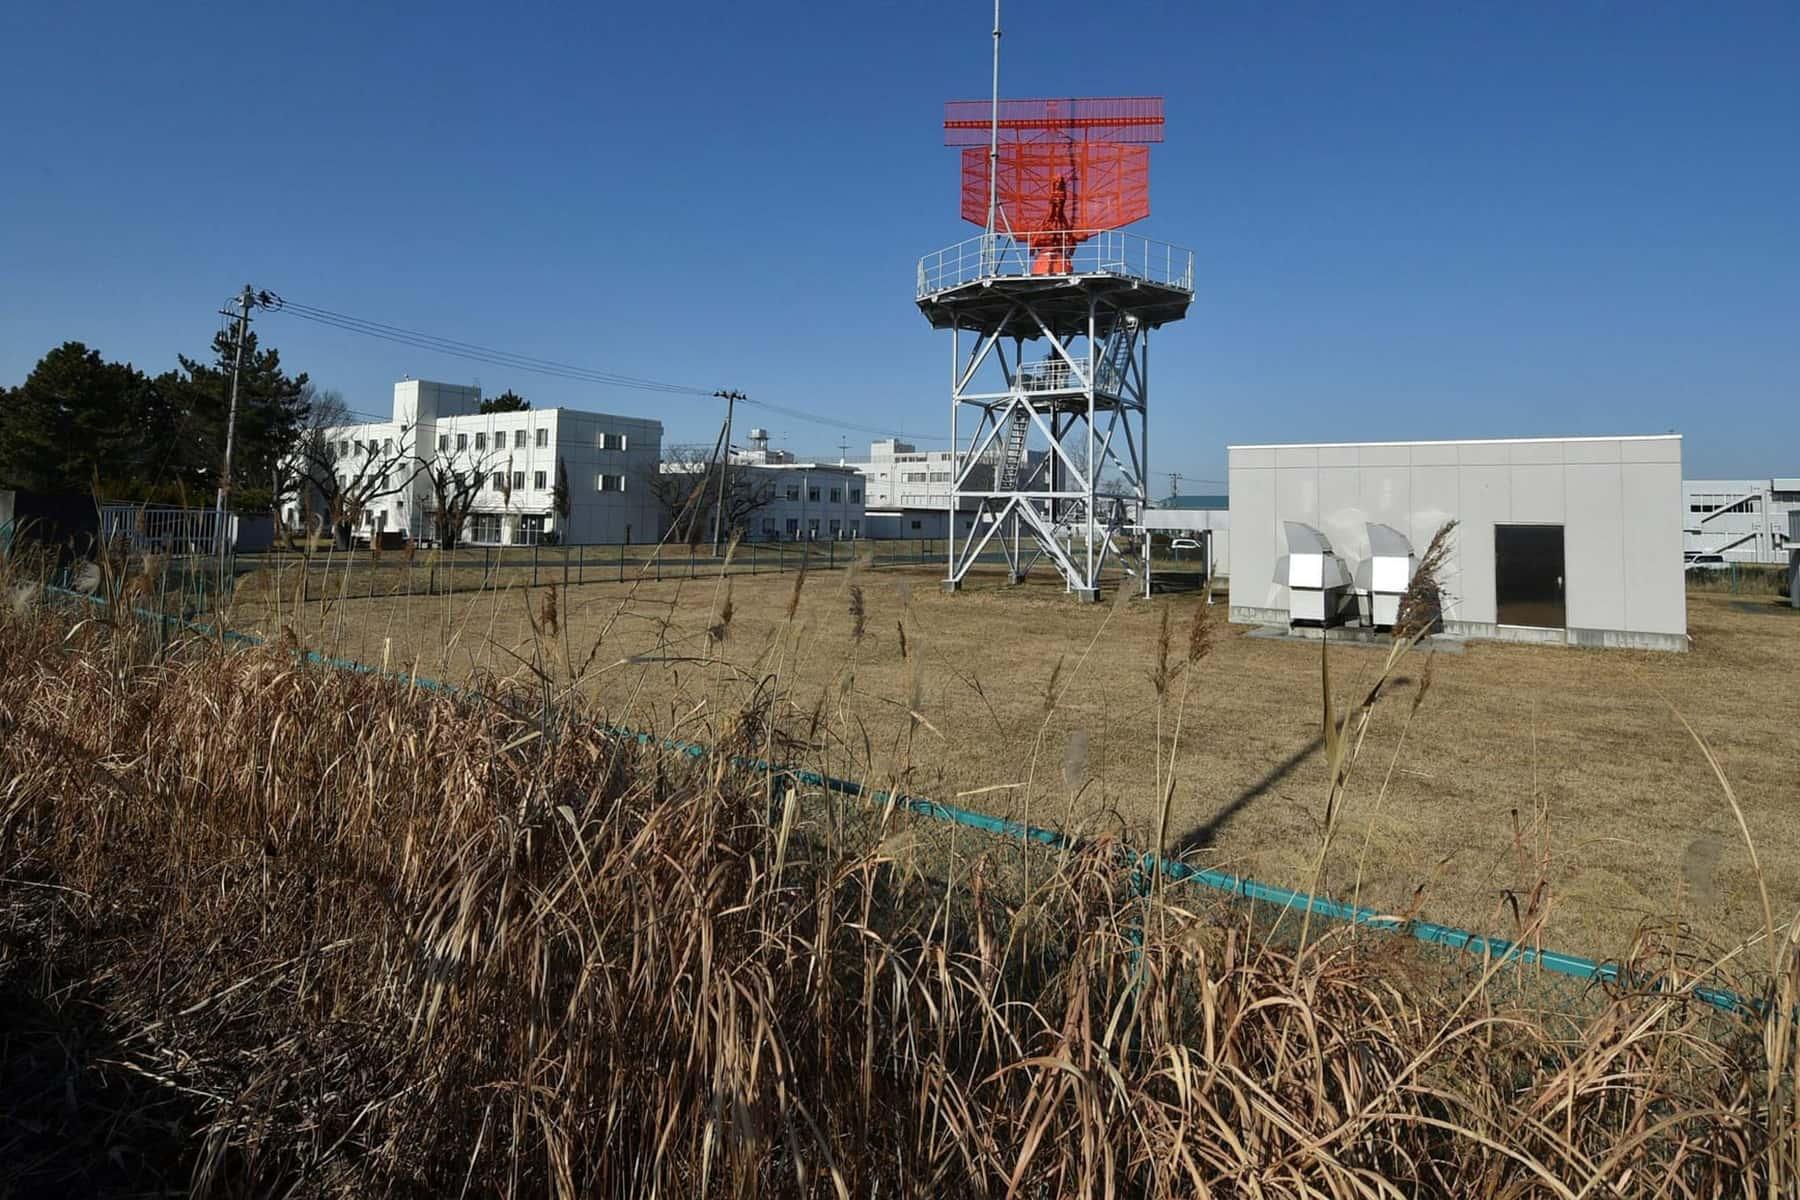 031121_FukushimaThenNow_024